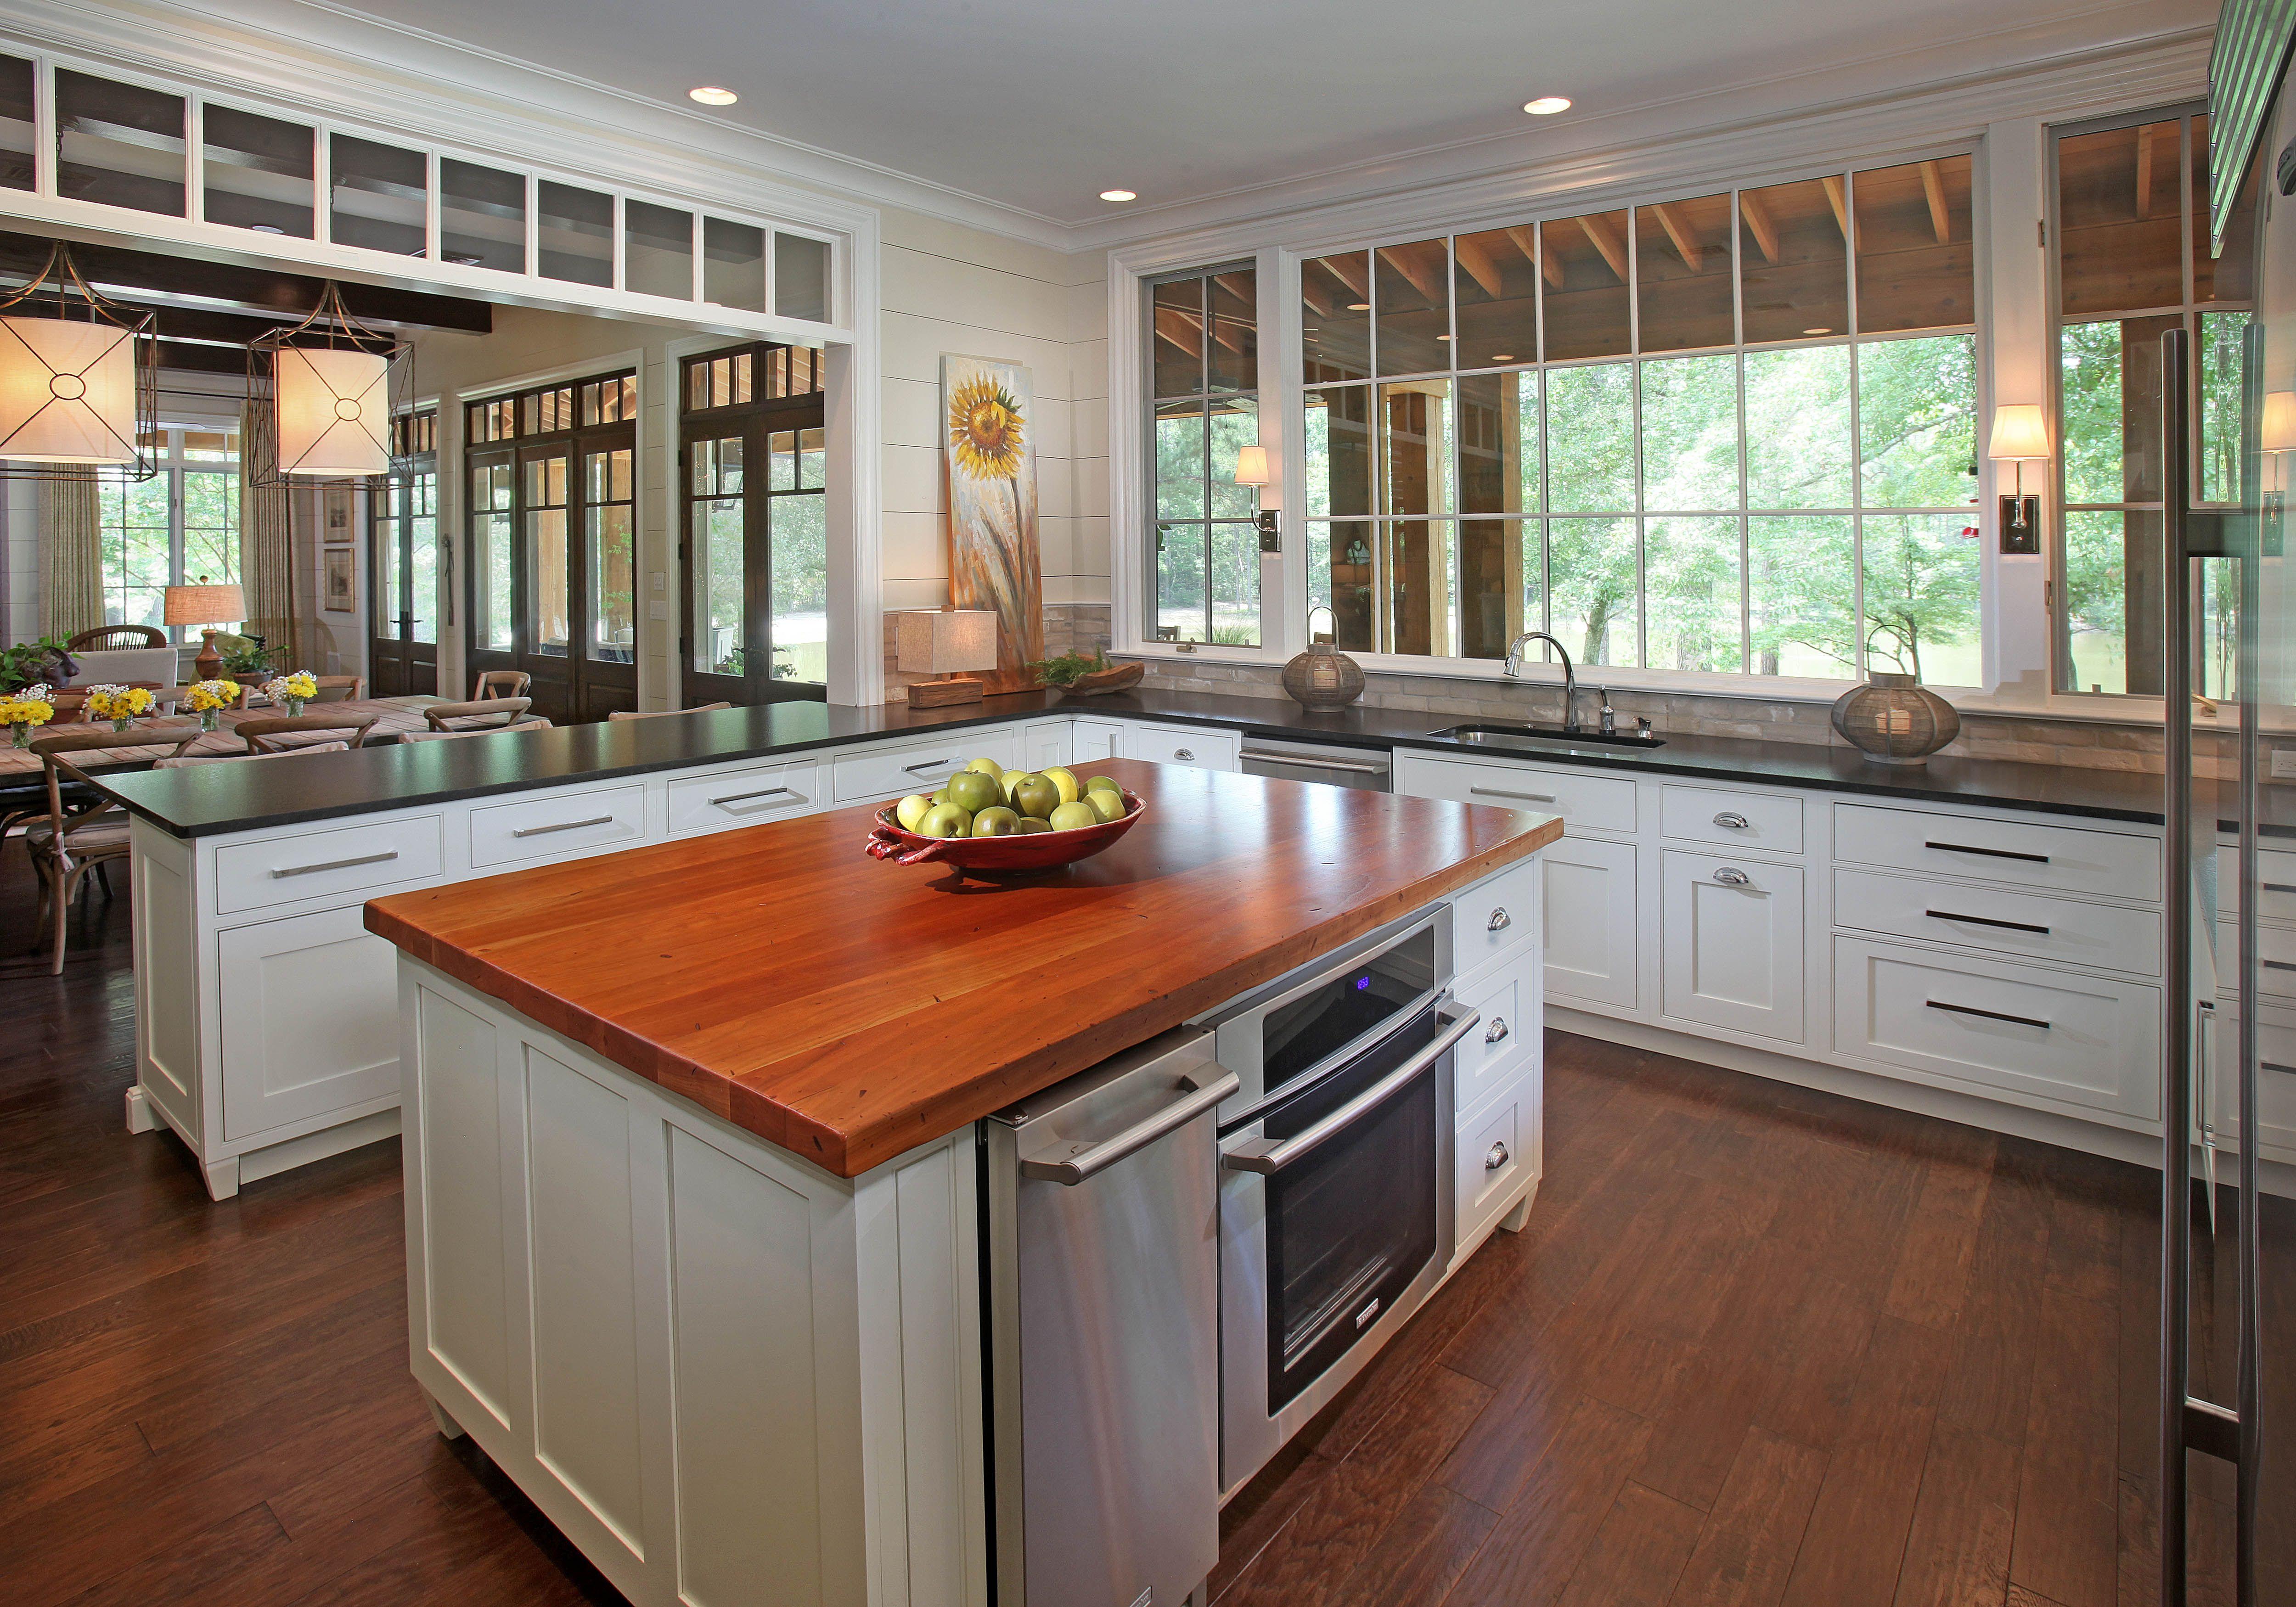 Küche Insel Design Ideen Trends Für | Küche | Pinterest | Design ...